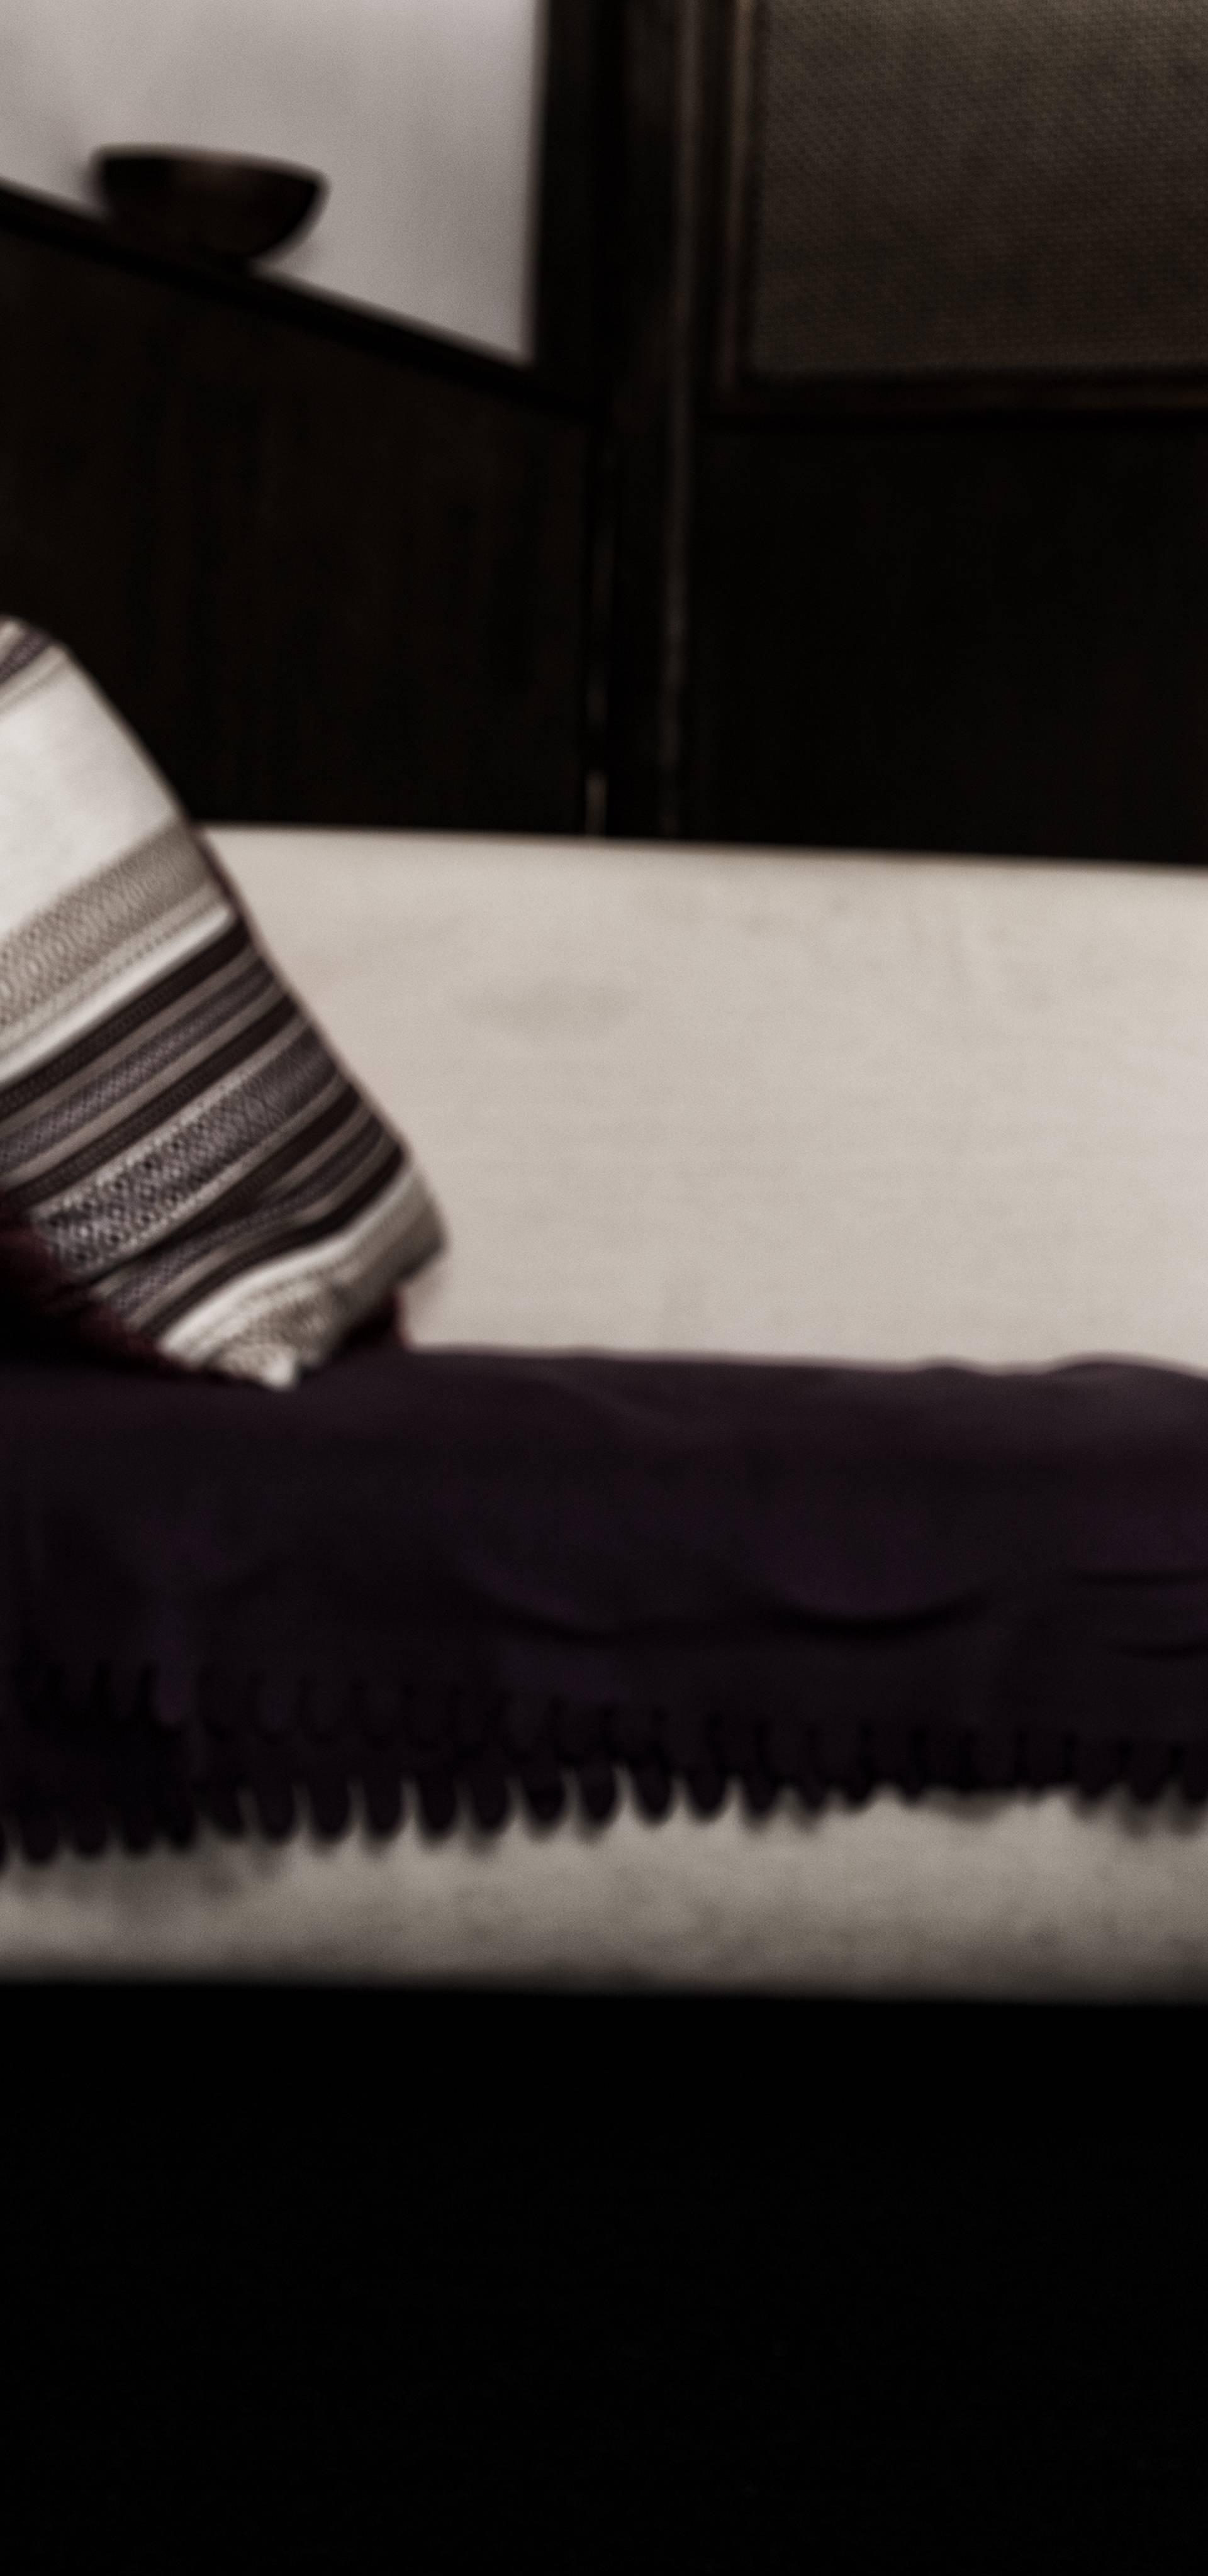 Pritvorili su domara da ne bi mogao opet silovati štićenicu